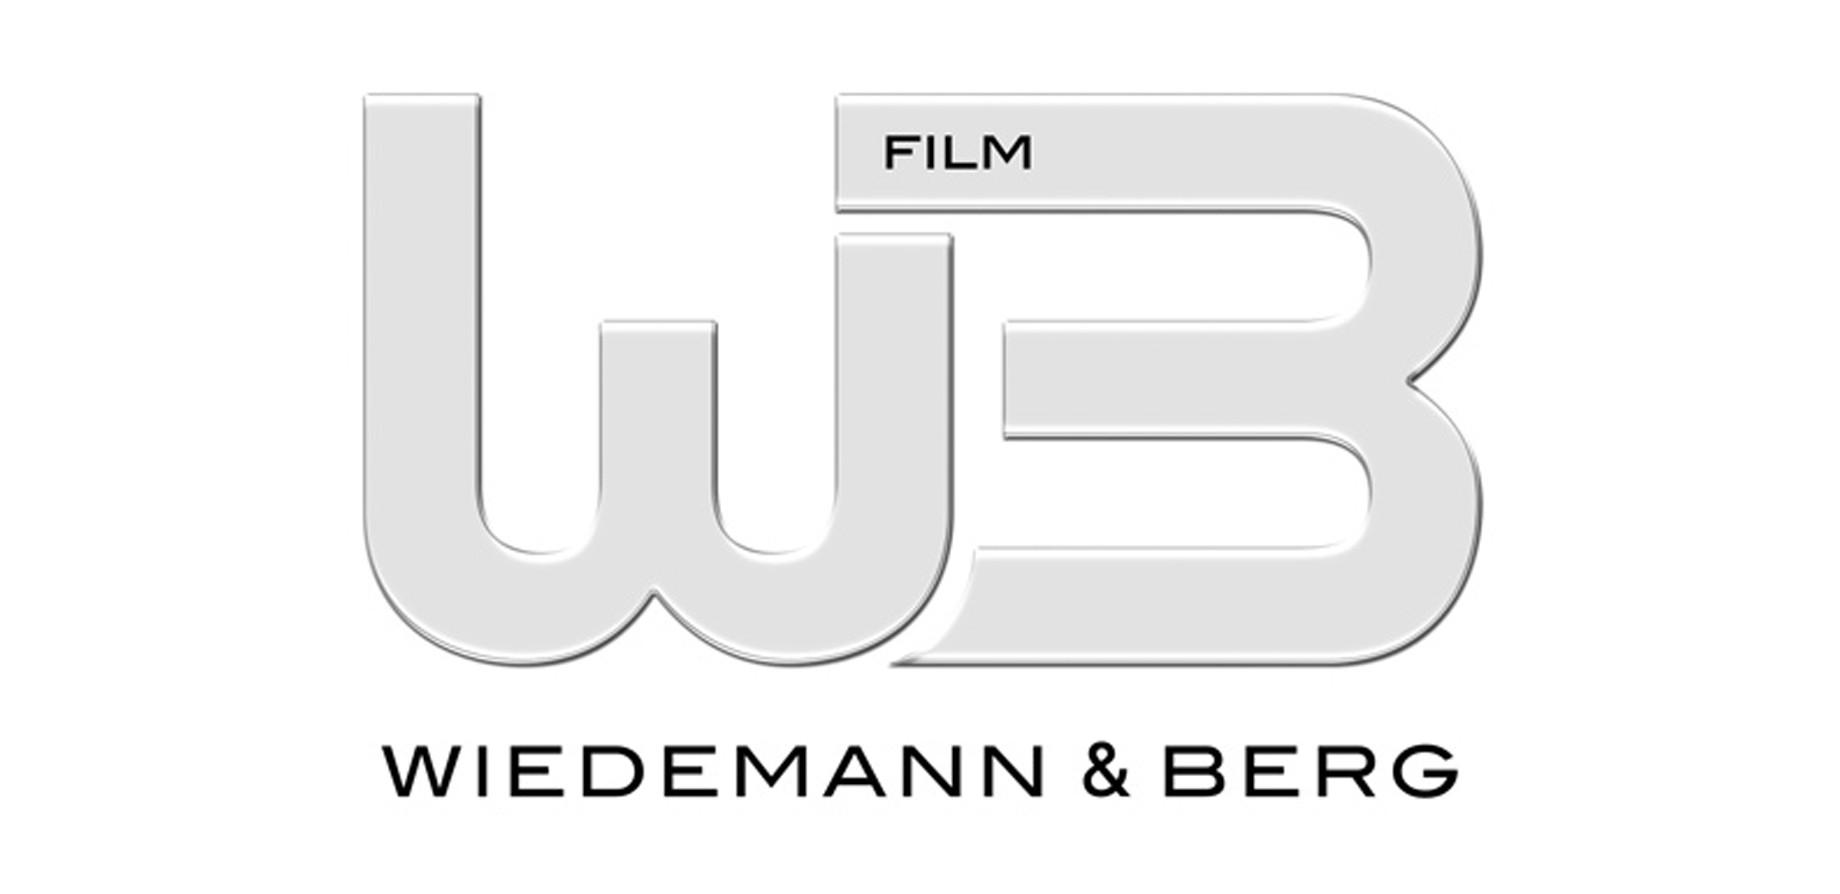 Wiedemann & Berg Logo alt